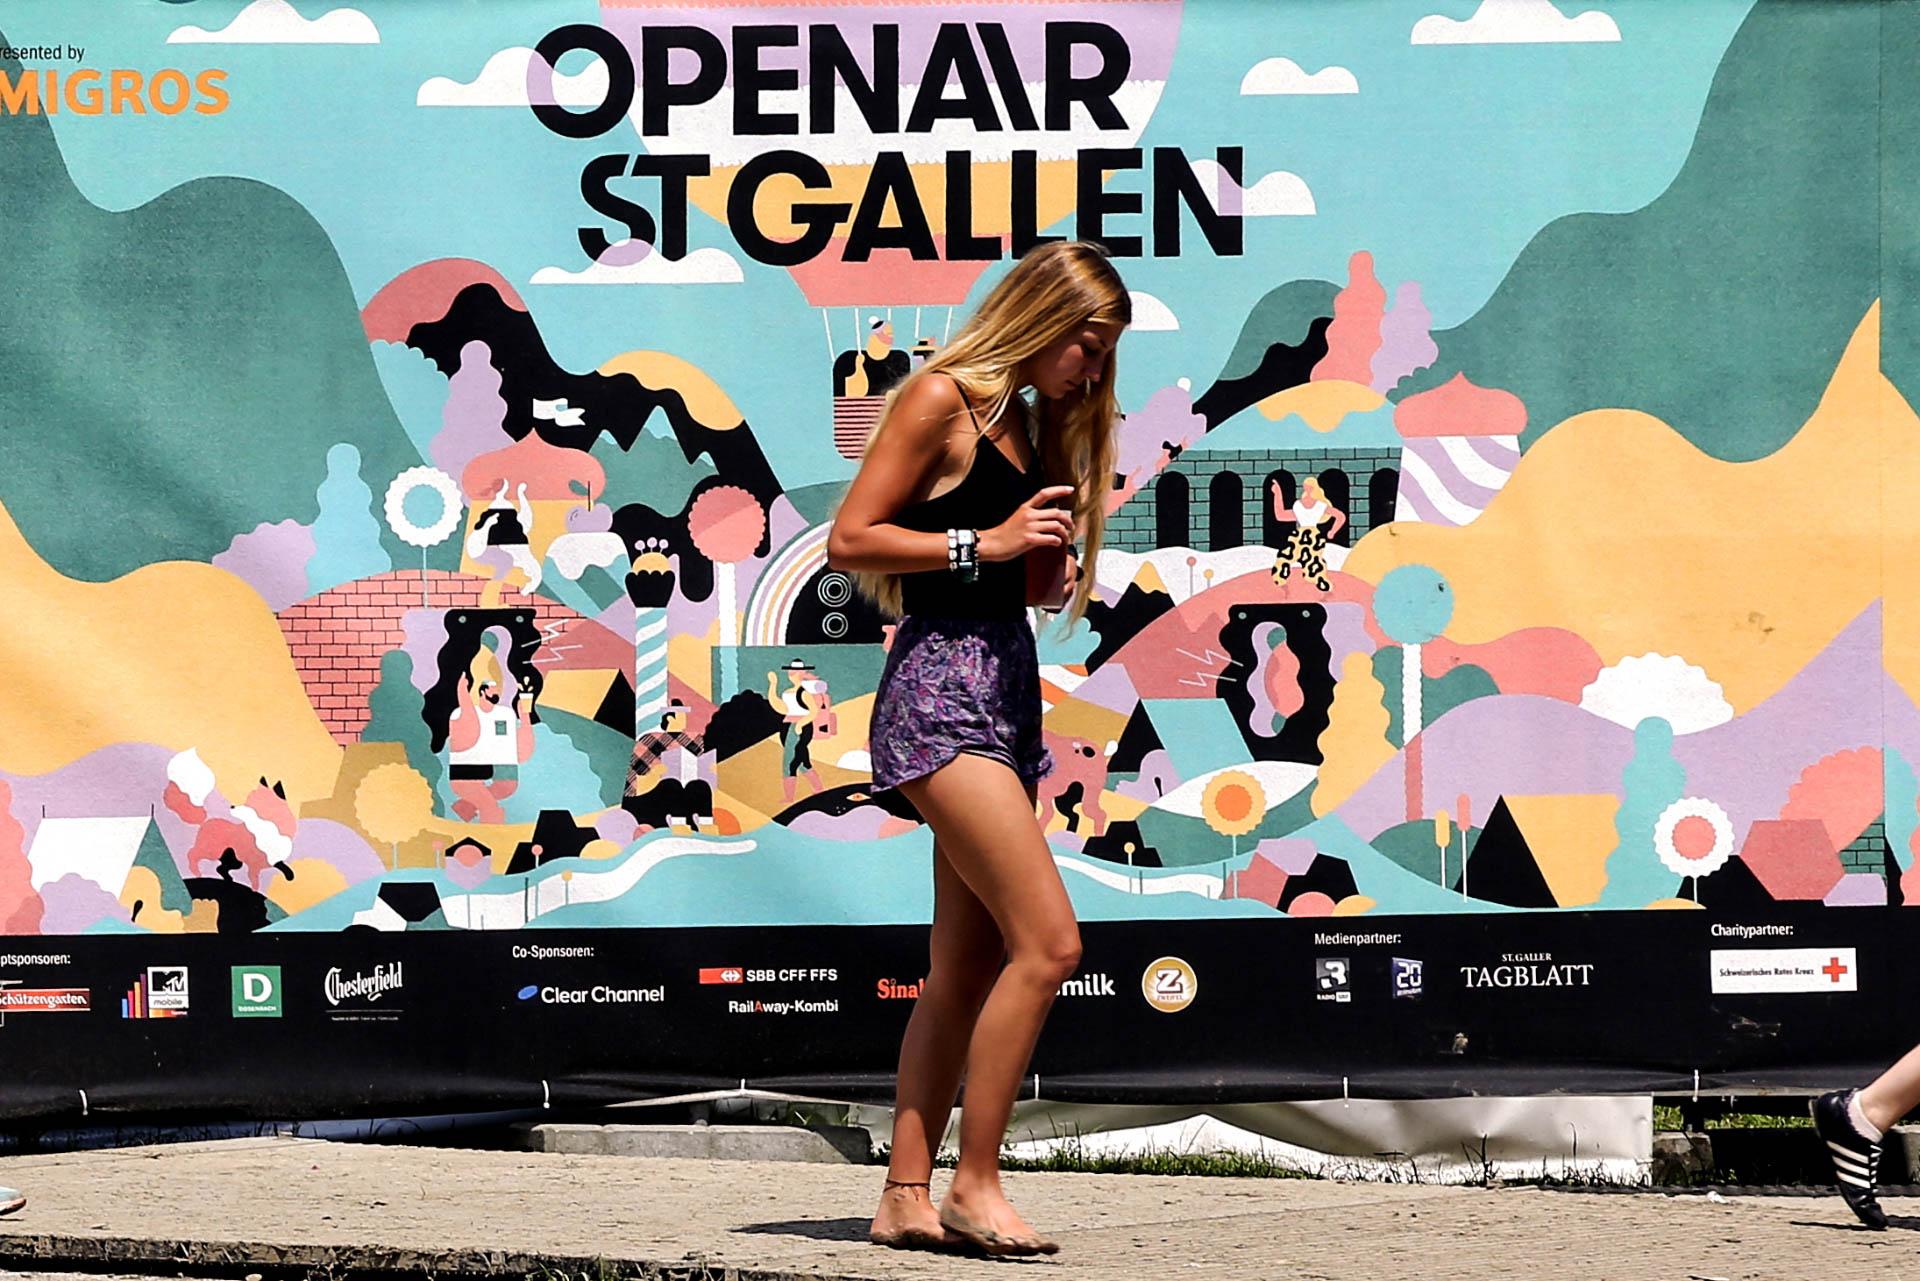 Hedof_Open Air St Gallen_Image_2.jpg